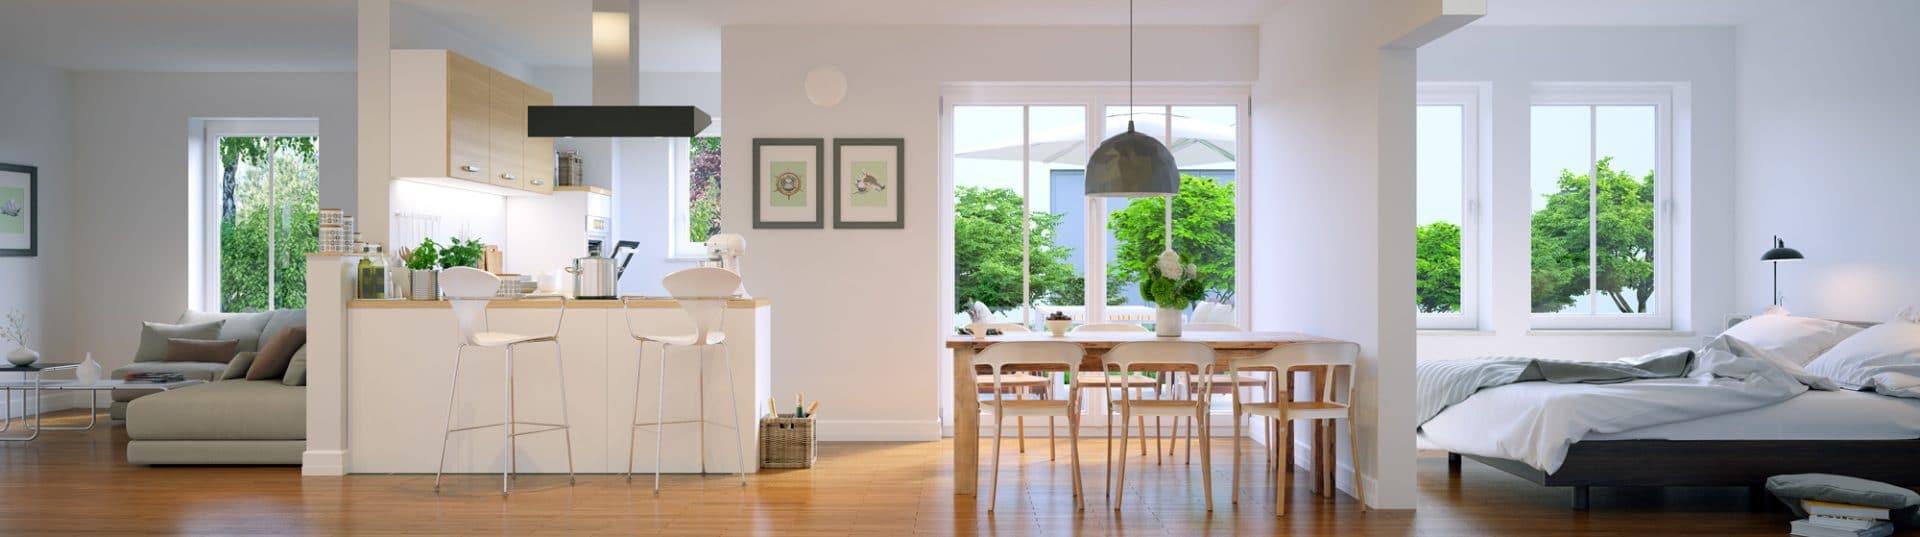 Haus-Wohnung-verkaufen-vermieten-Buchholz-in-der-Nordheide-Immobilienmakler